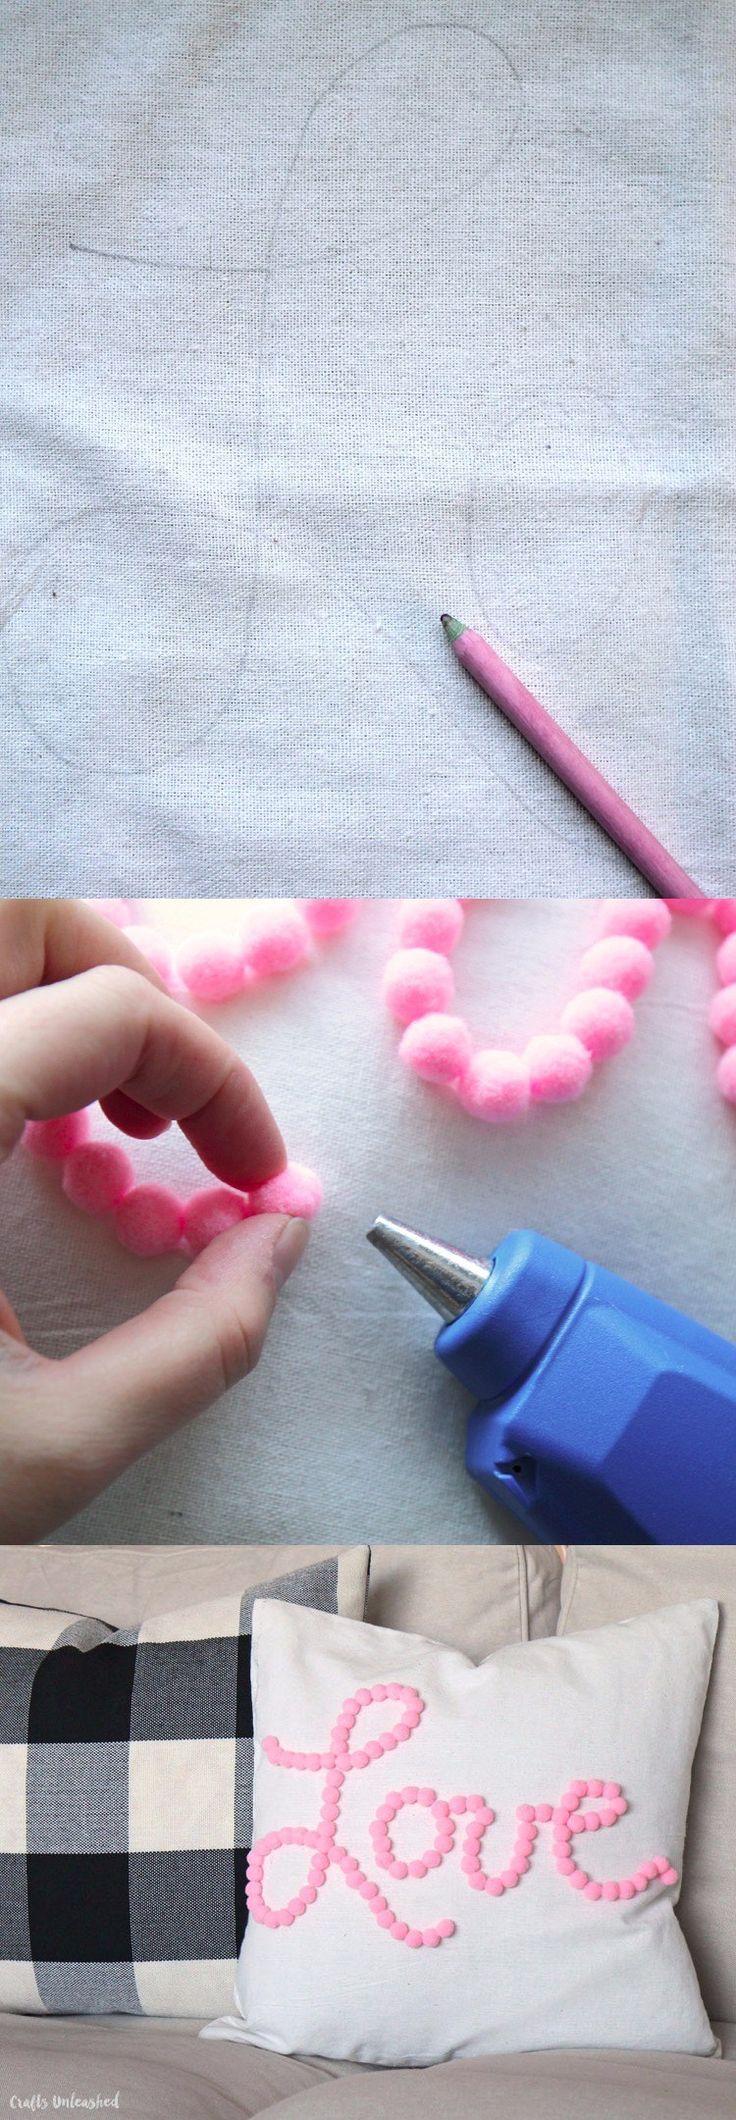 Decoración para cojín DIY - blog.consumercrafts.com - DIY Pom Pom Pillow